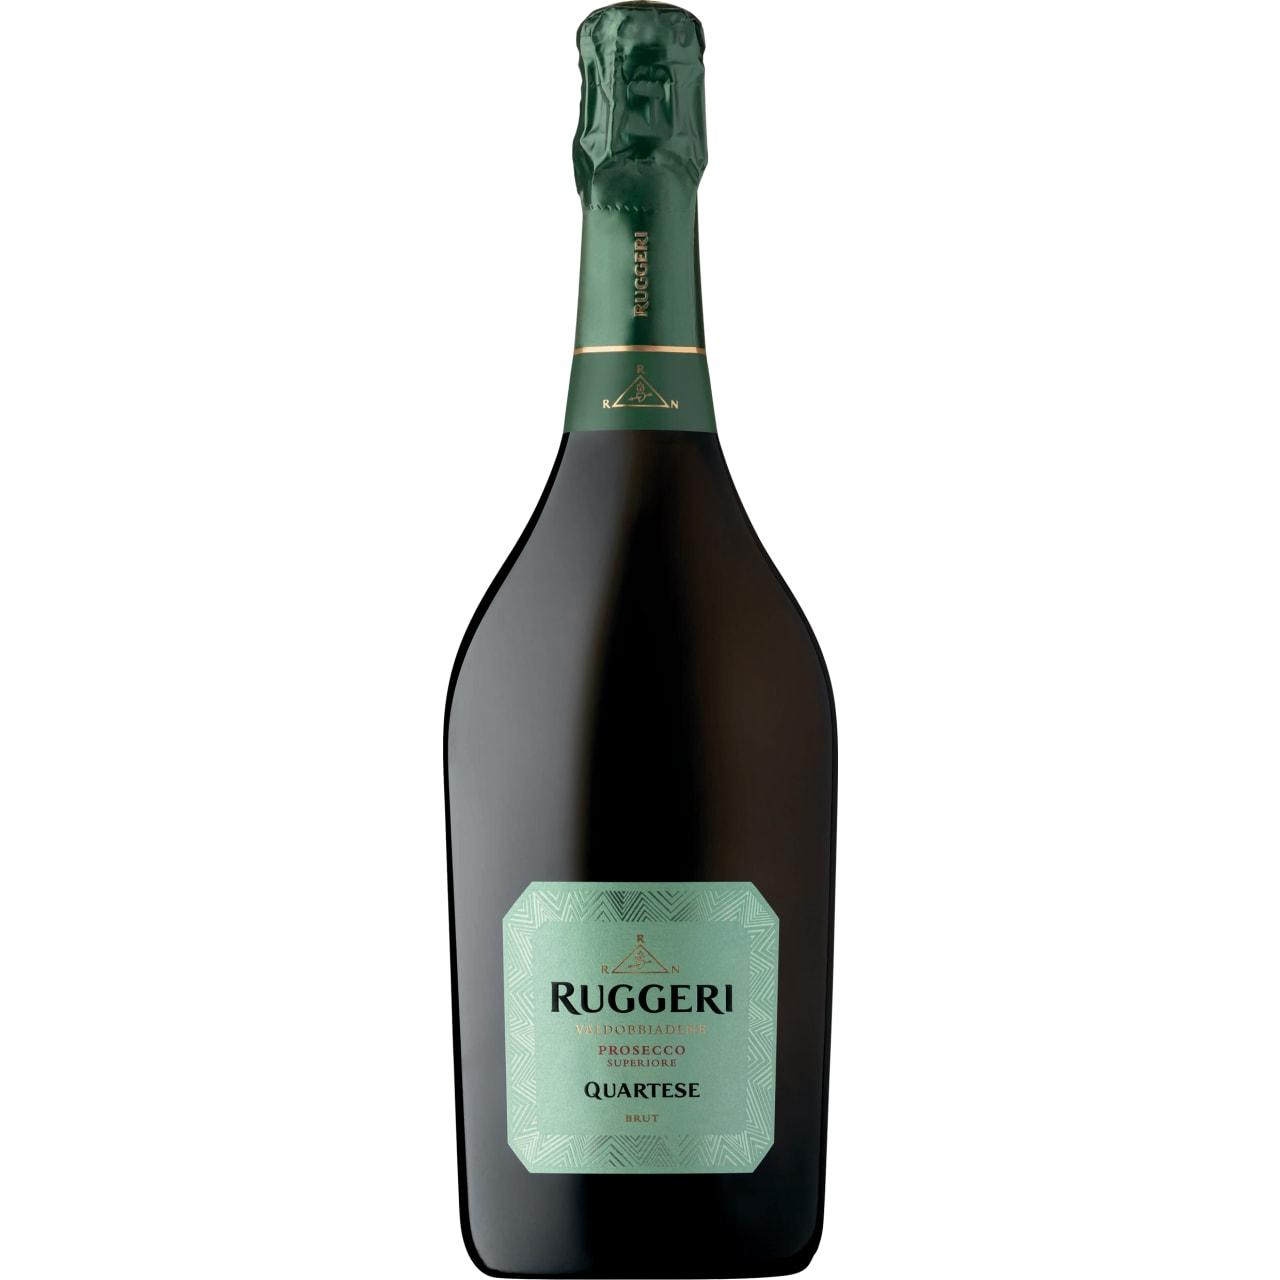 Product Image - Ruggeri 'Quartese' Brut Prosecco